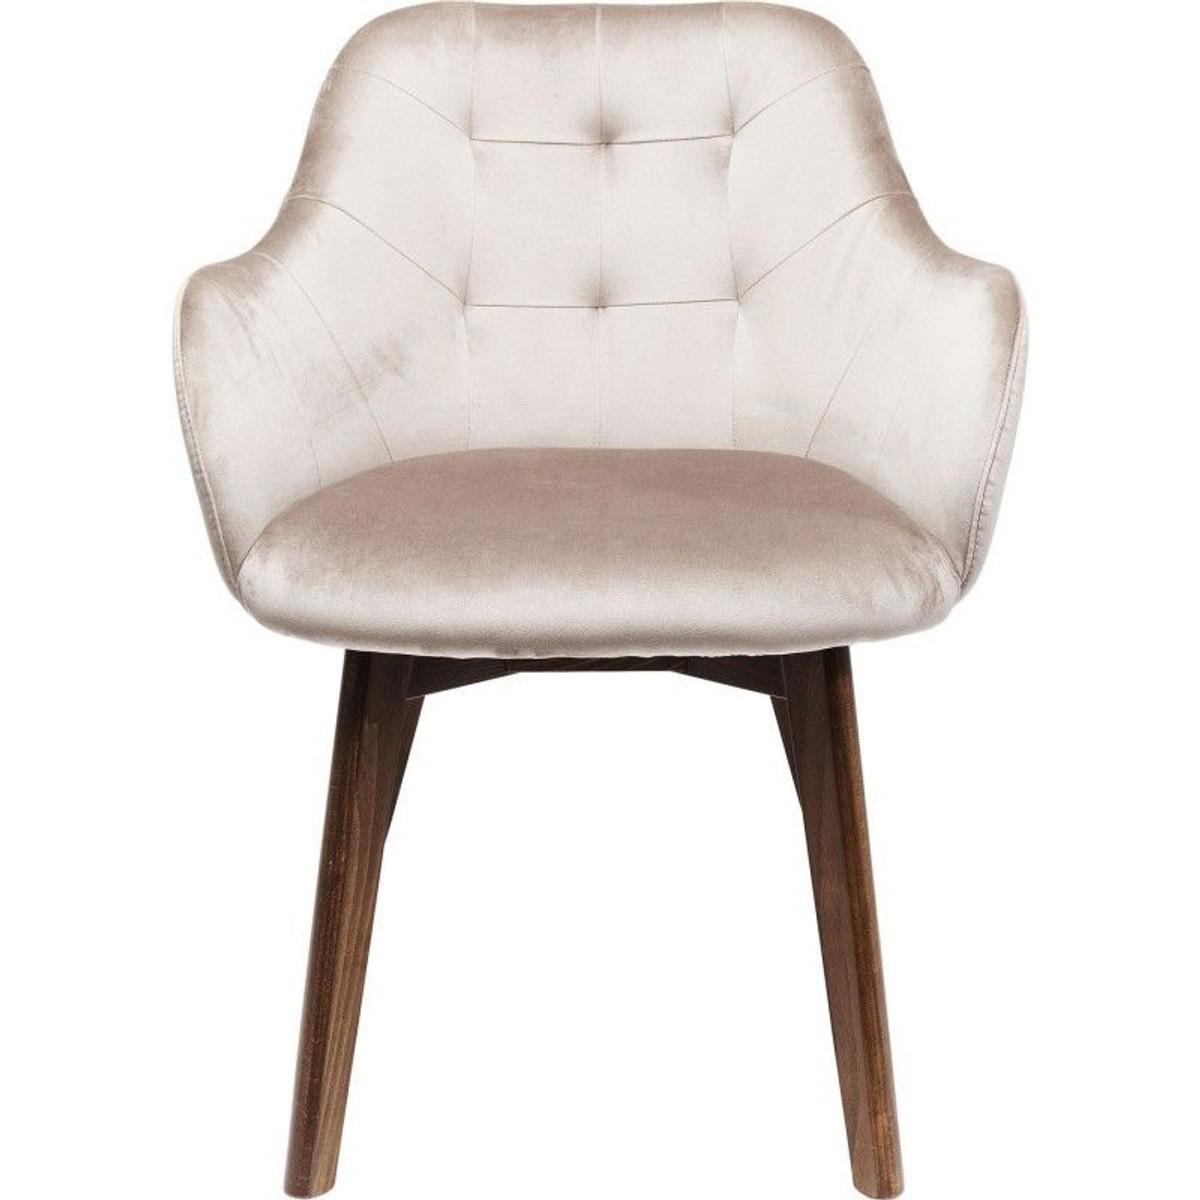 Chaise Avec Accoudoirs Lady Pieds Bruns Chaise Accoudoir Kare Design Et Accoudoir